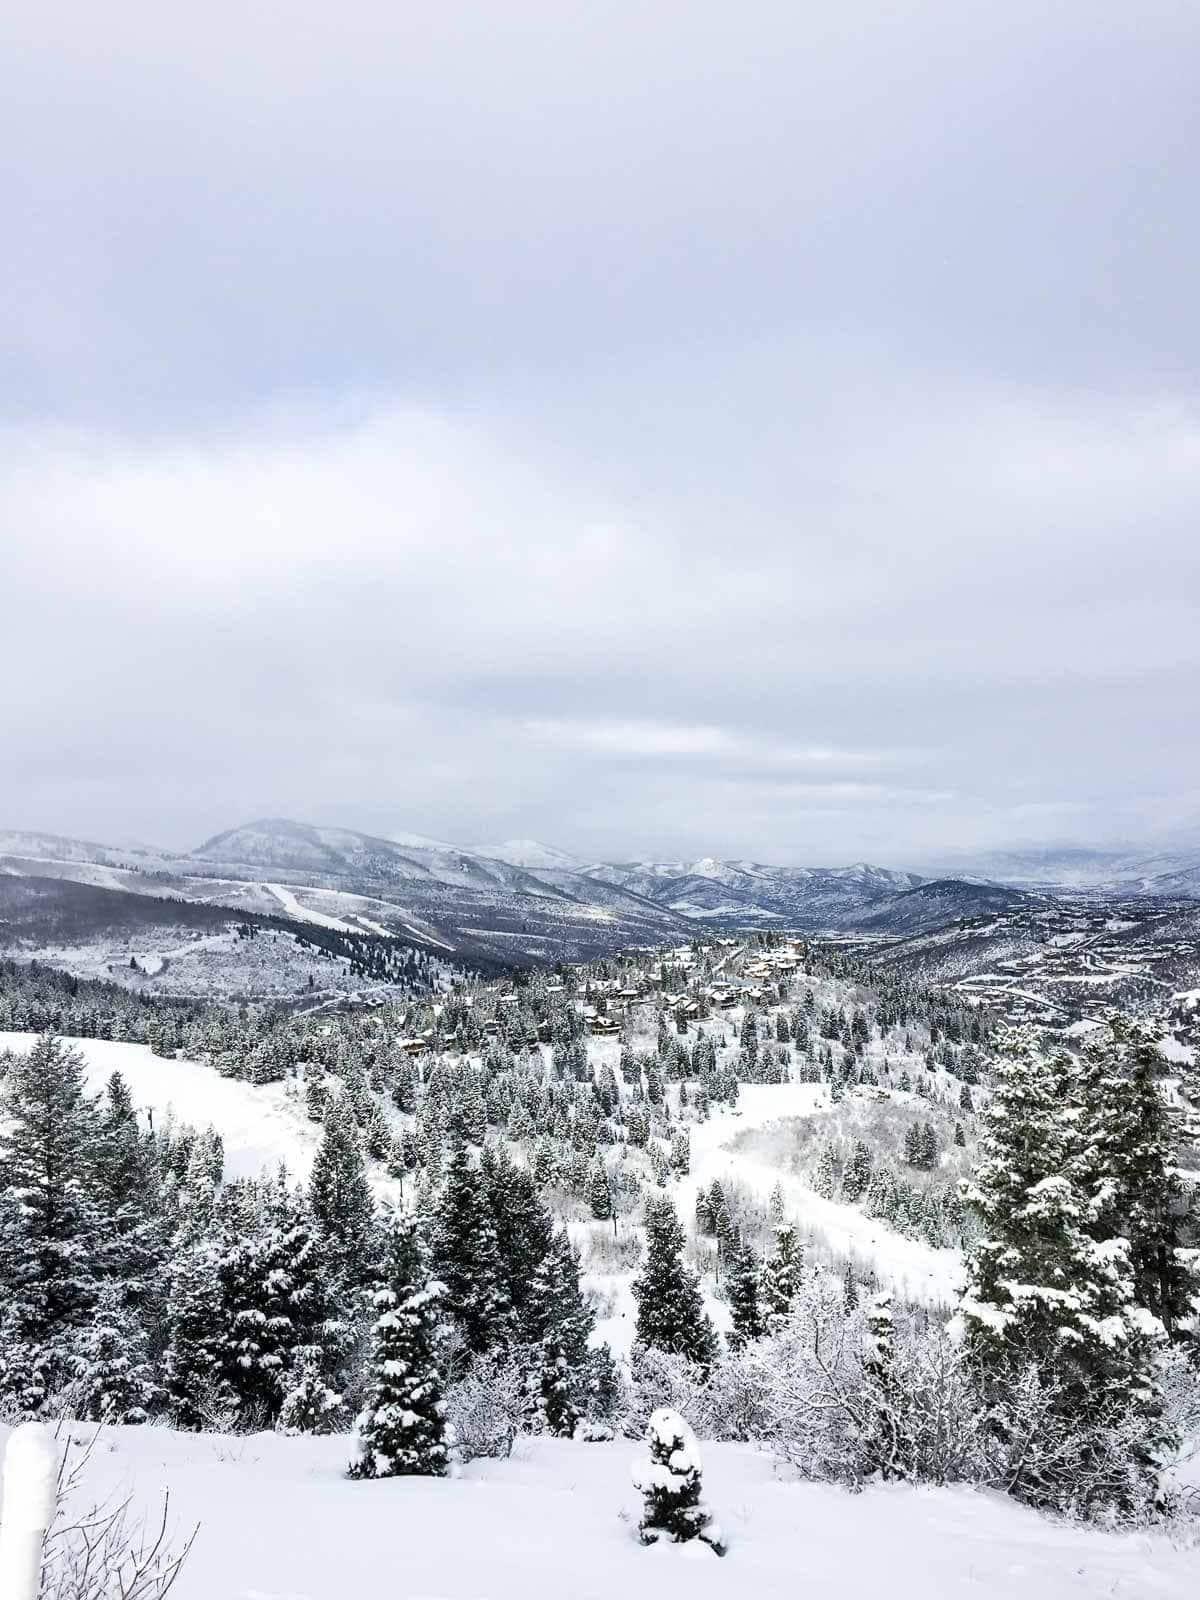 Skiing in Deer Valley, Utah